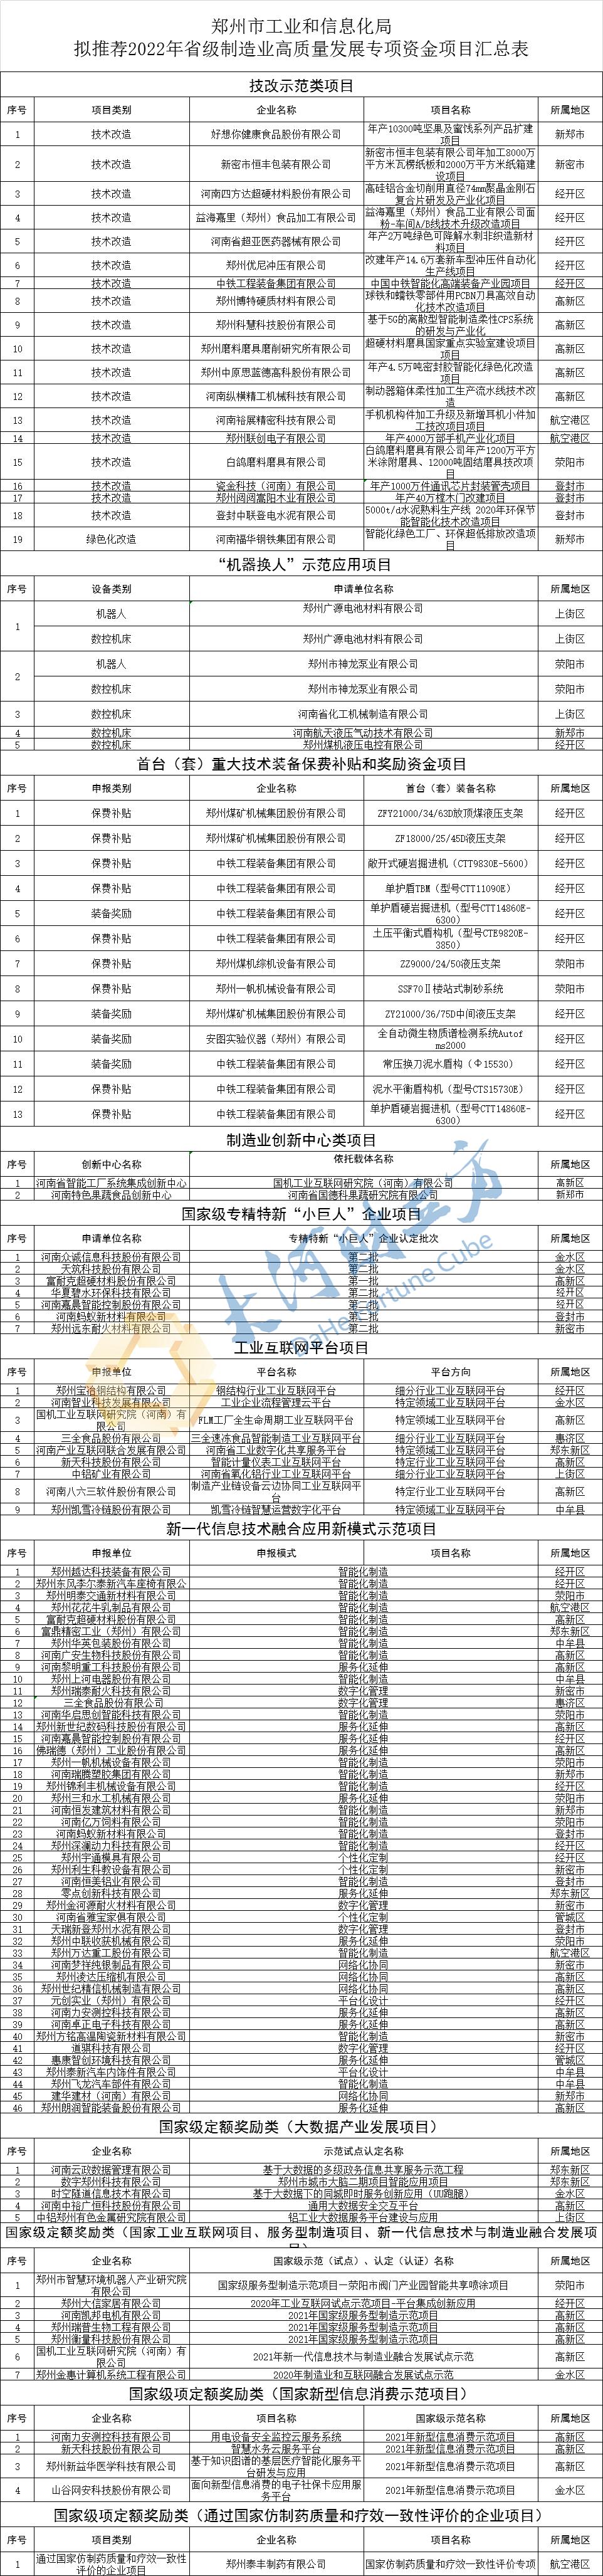 郑州拟推荐118个项目申报2022年省级制造业高质量发展专项资金_城市_中原网视台